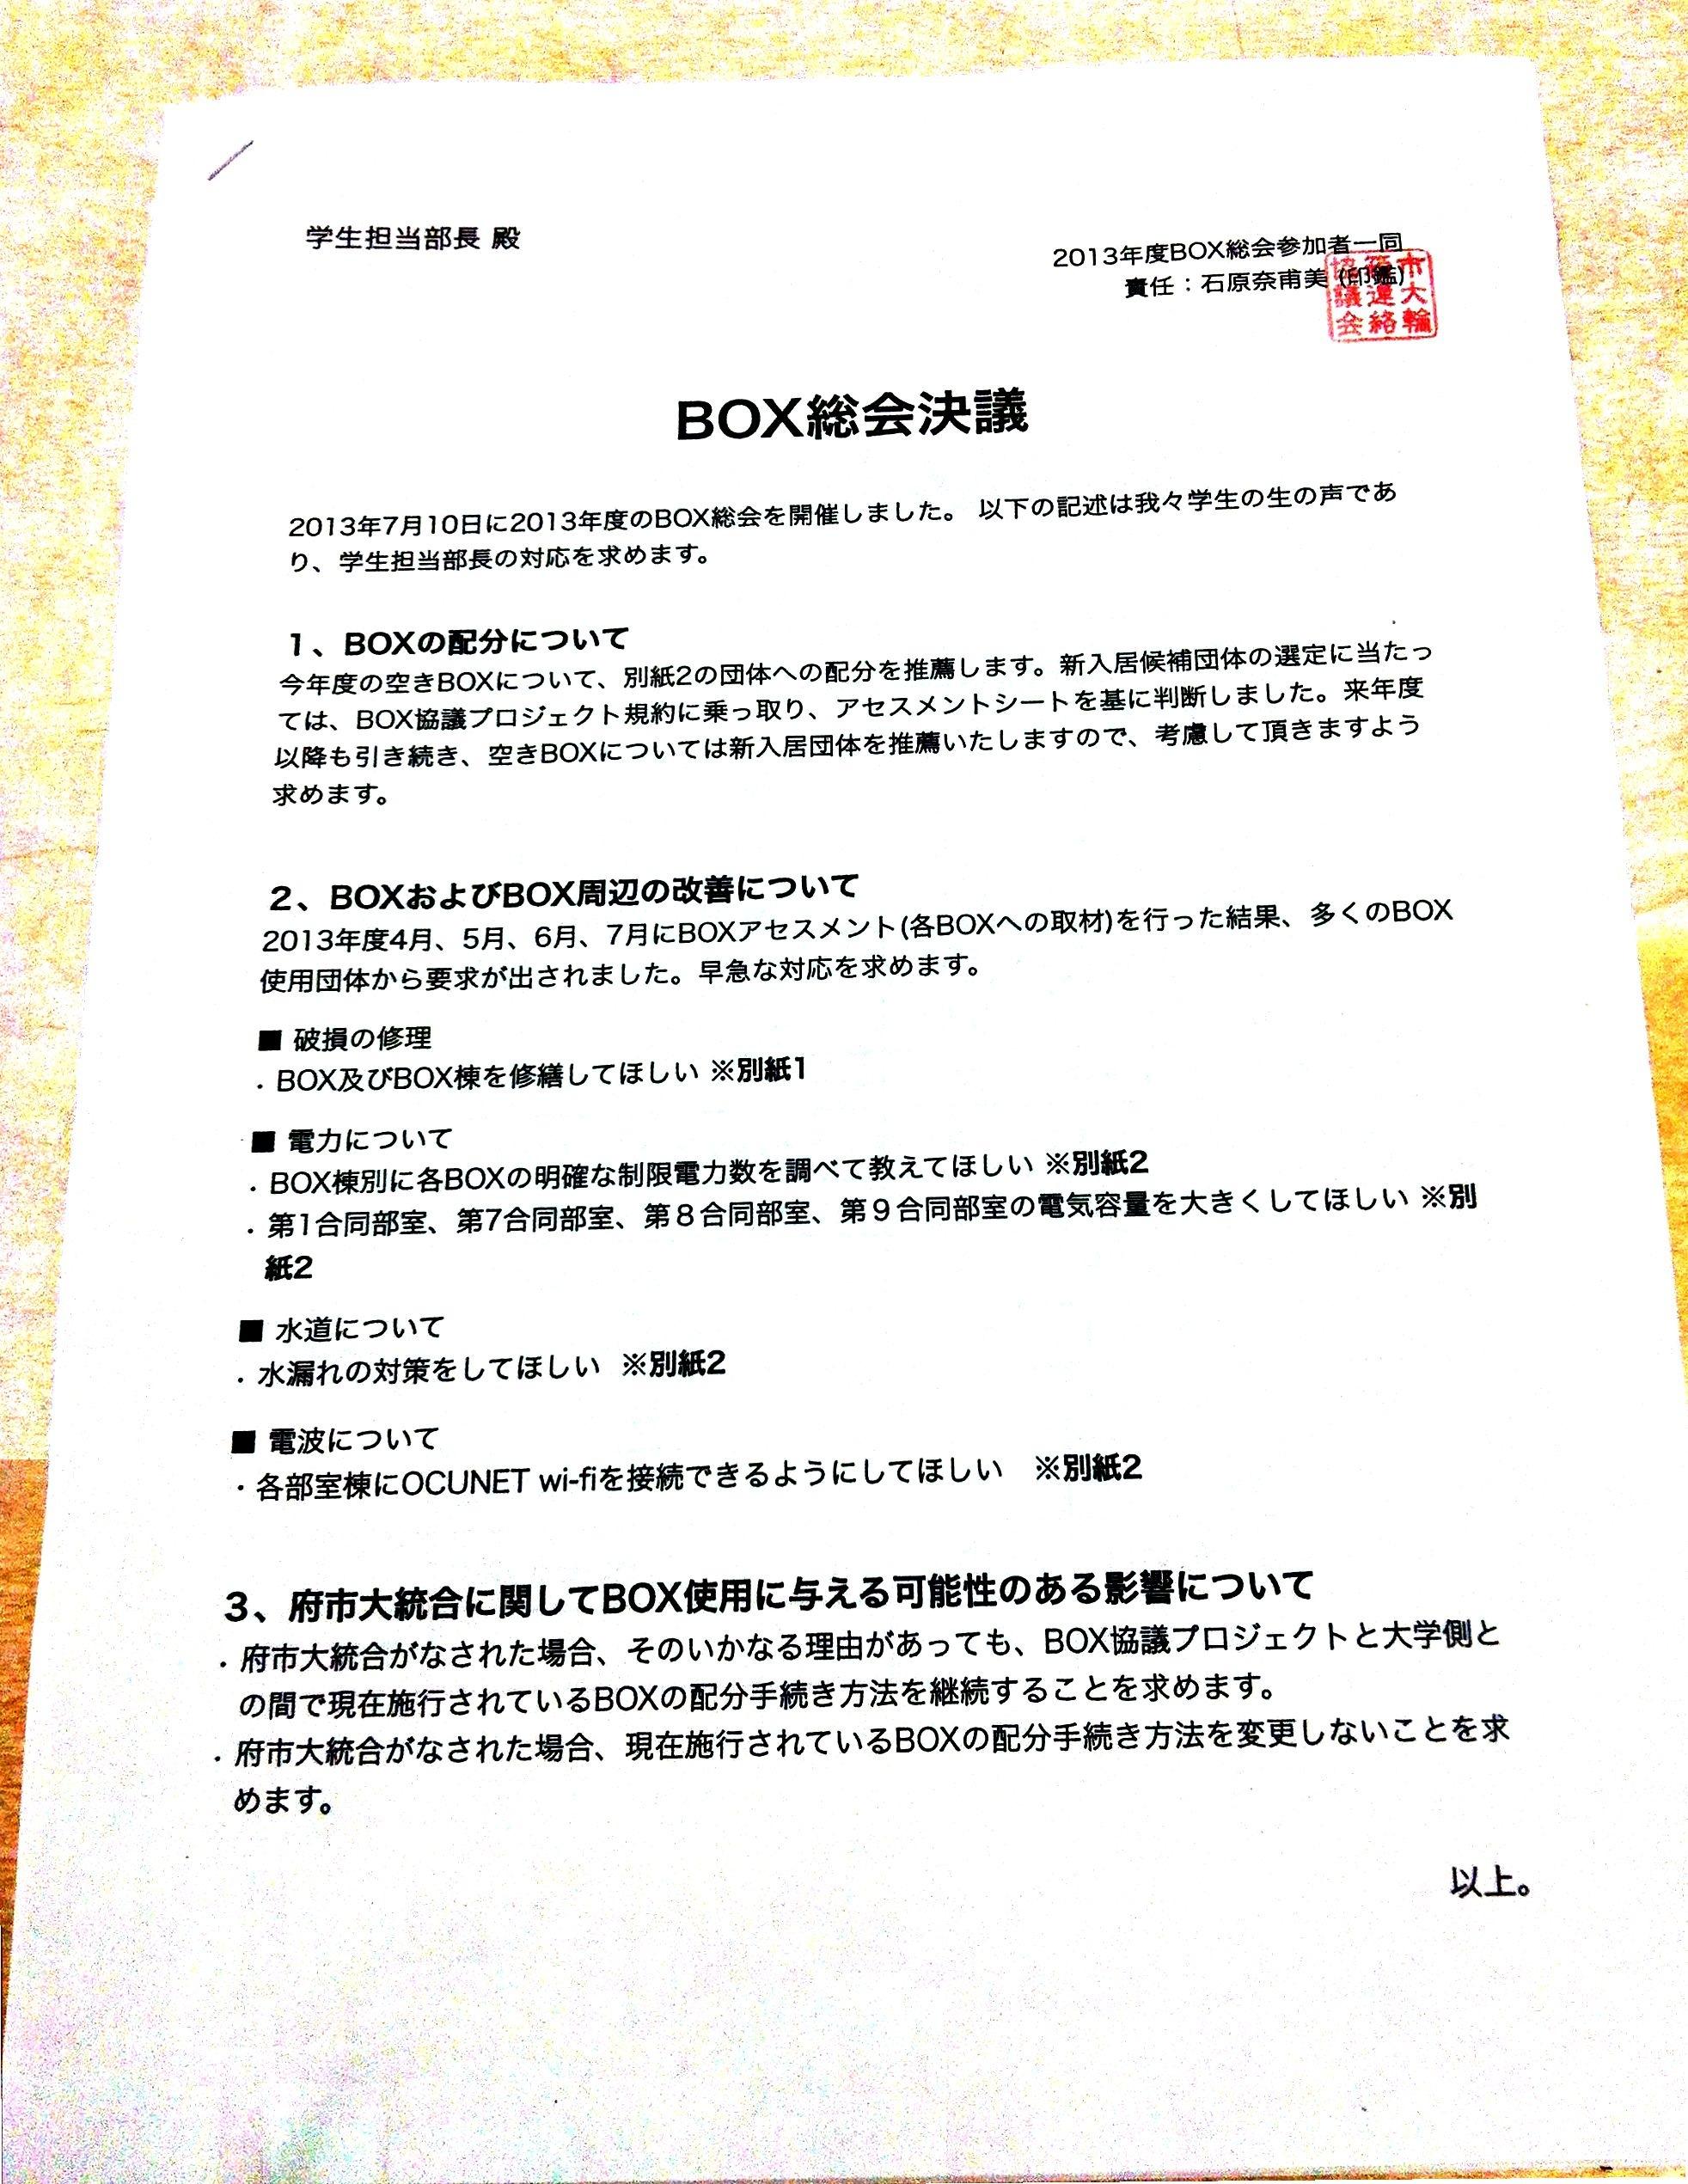 BOX総会2013 決議書を大学へ提出...